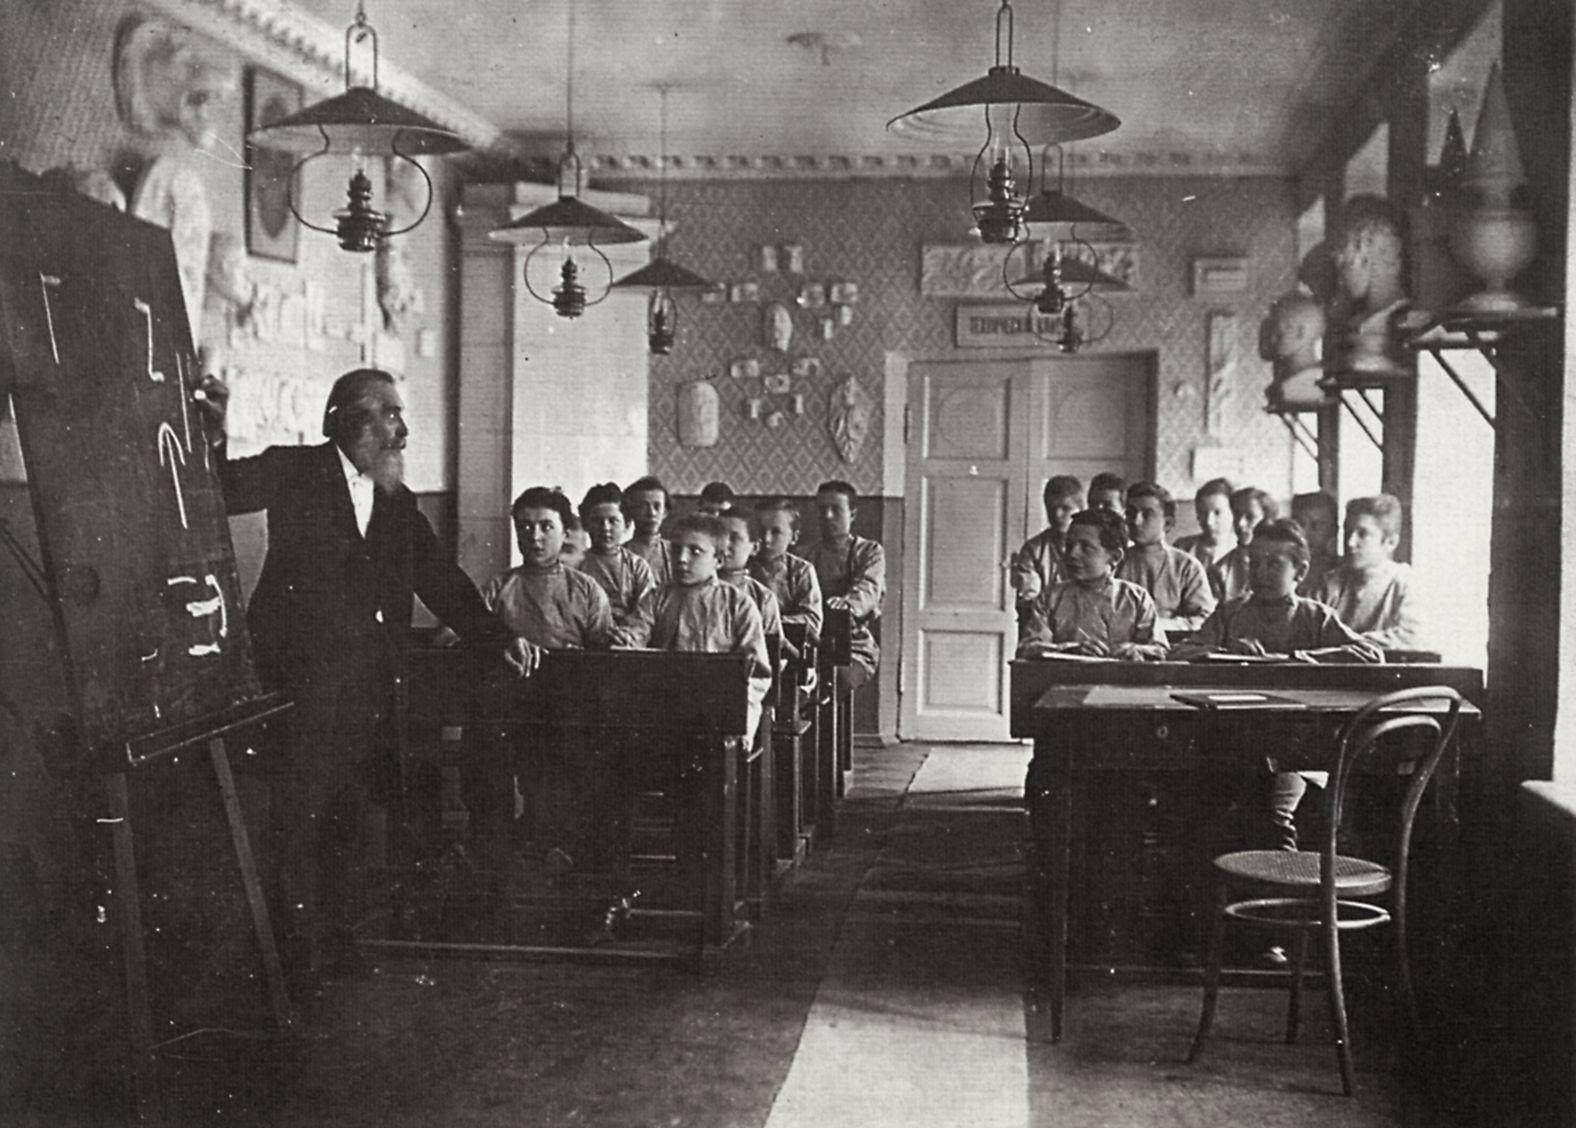 russischer photograph um 18901900 unterricht in einer